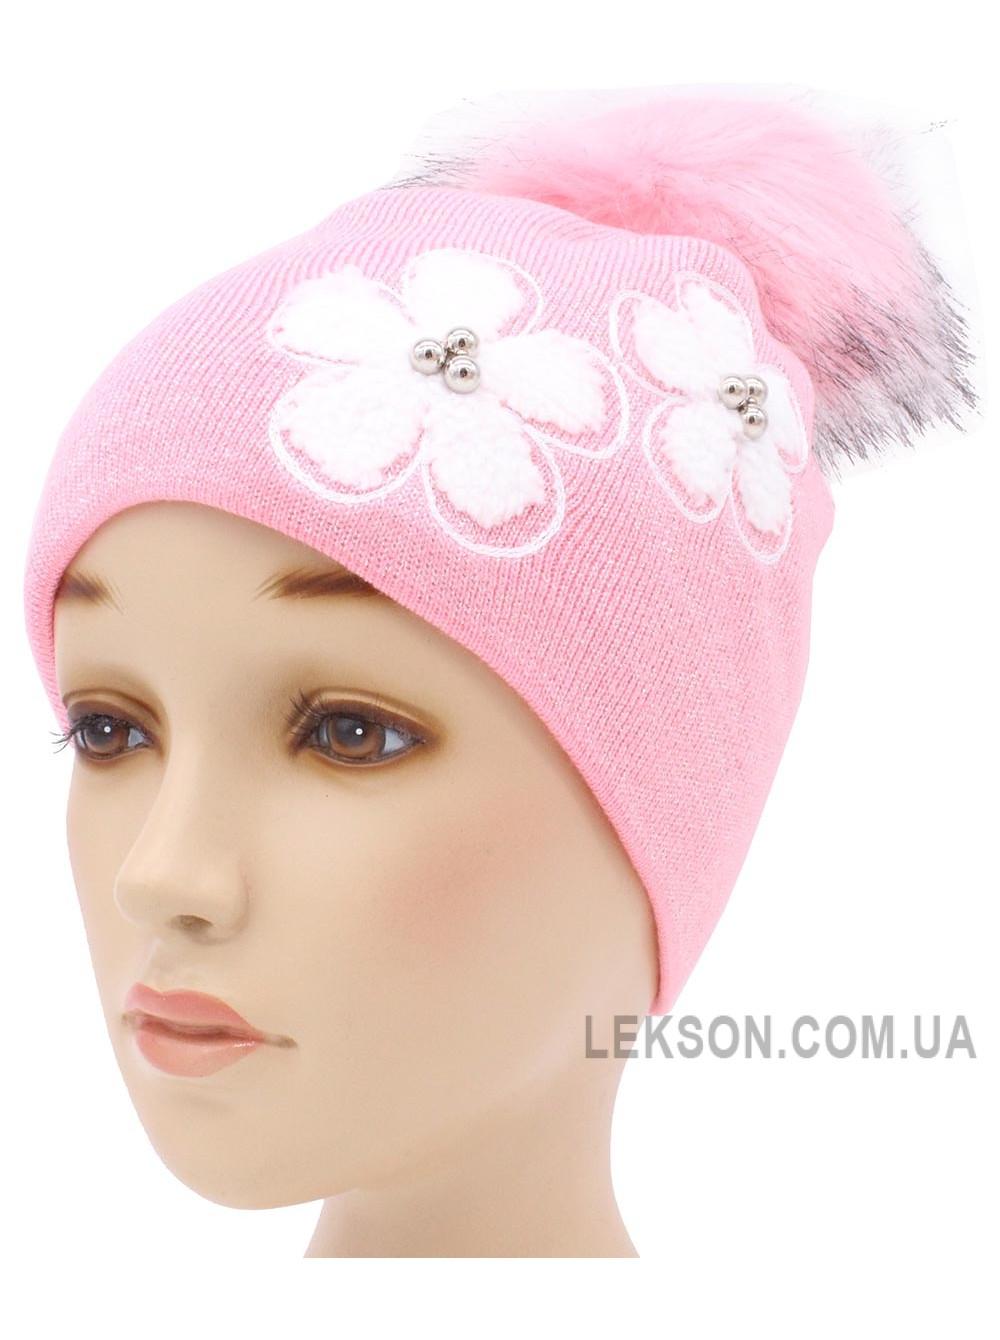 Детская вязаная шапка Ромашка D57133-48-52